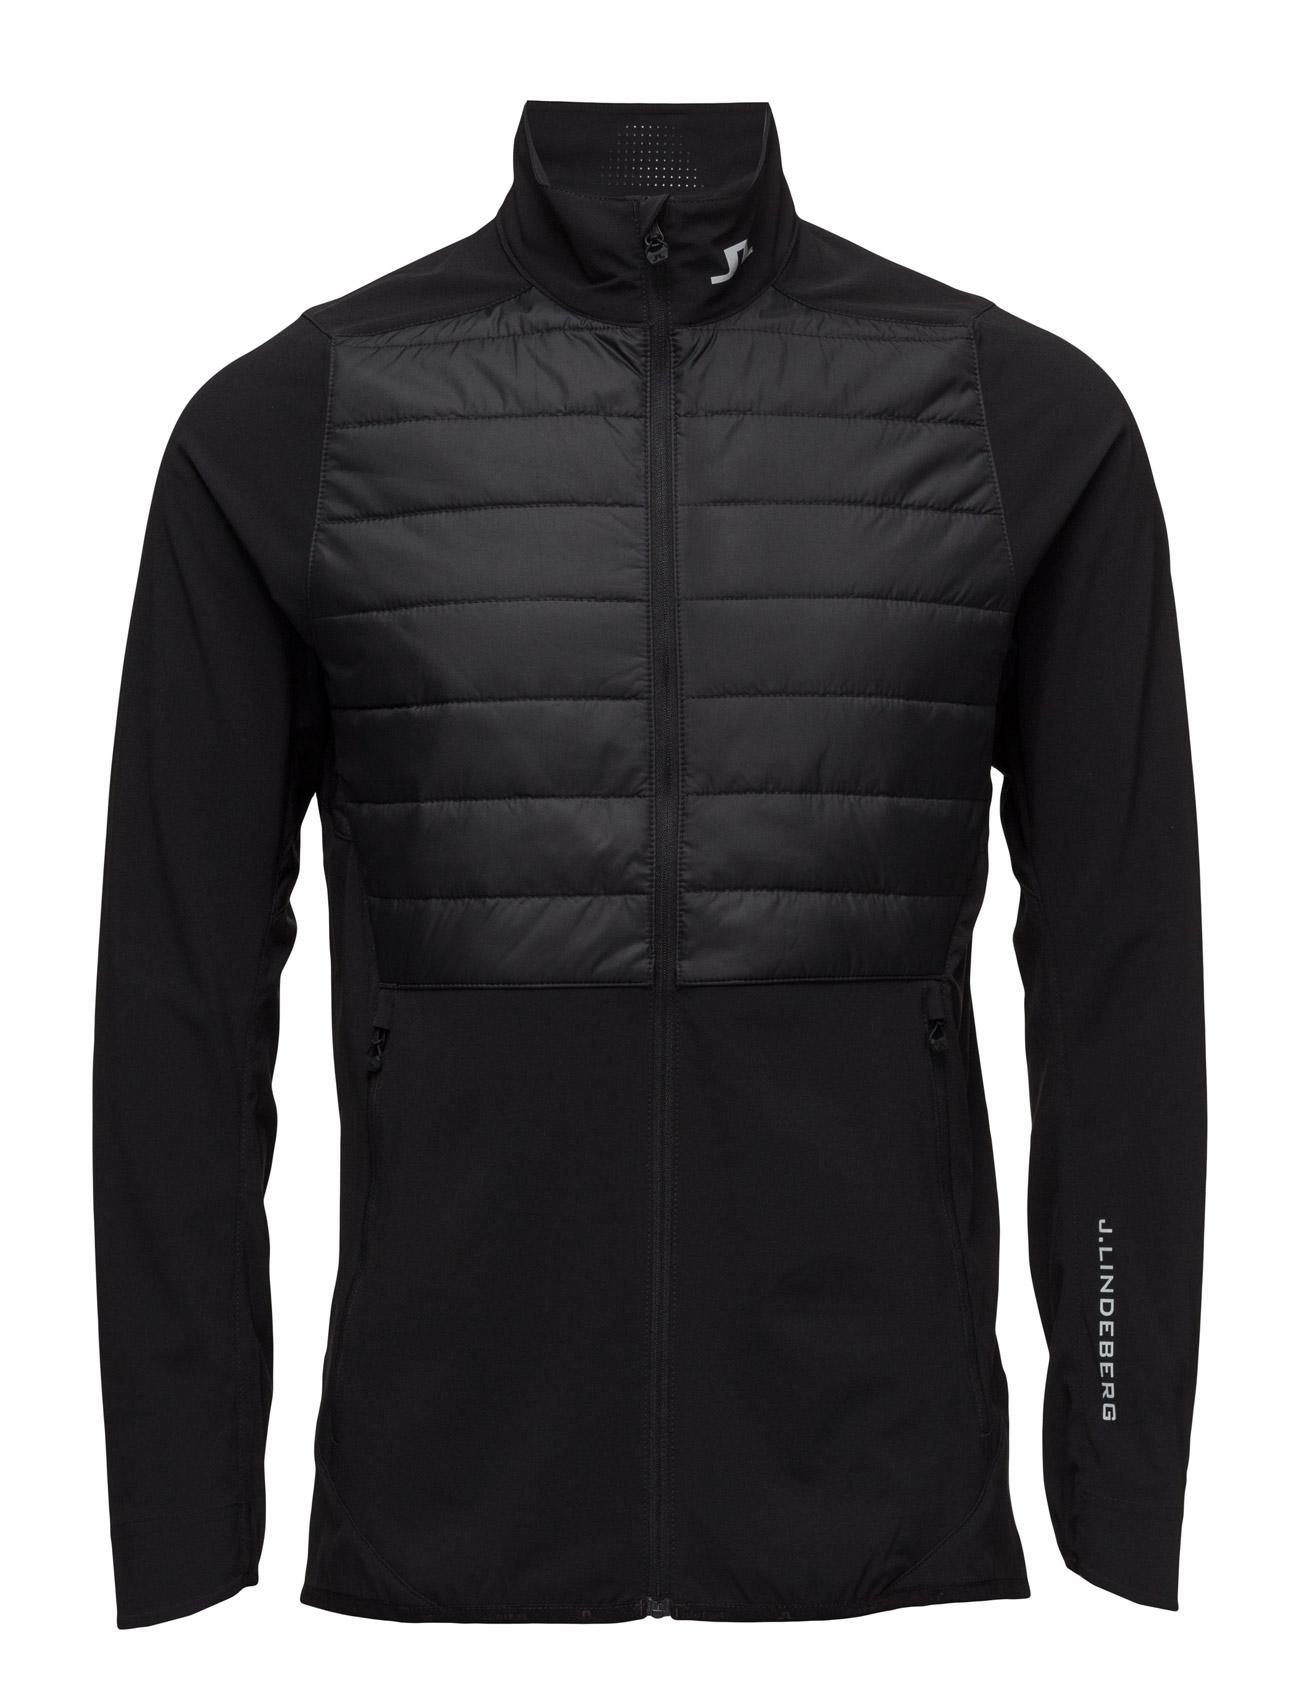 M Hybrid Jacket Mixed Poly J. Lindeberg Sportsjakker til Herrer i